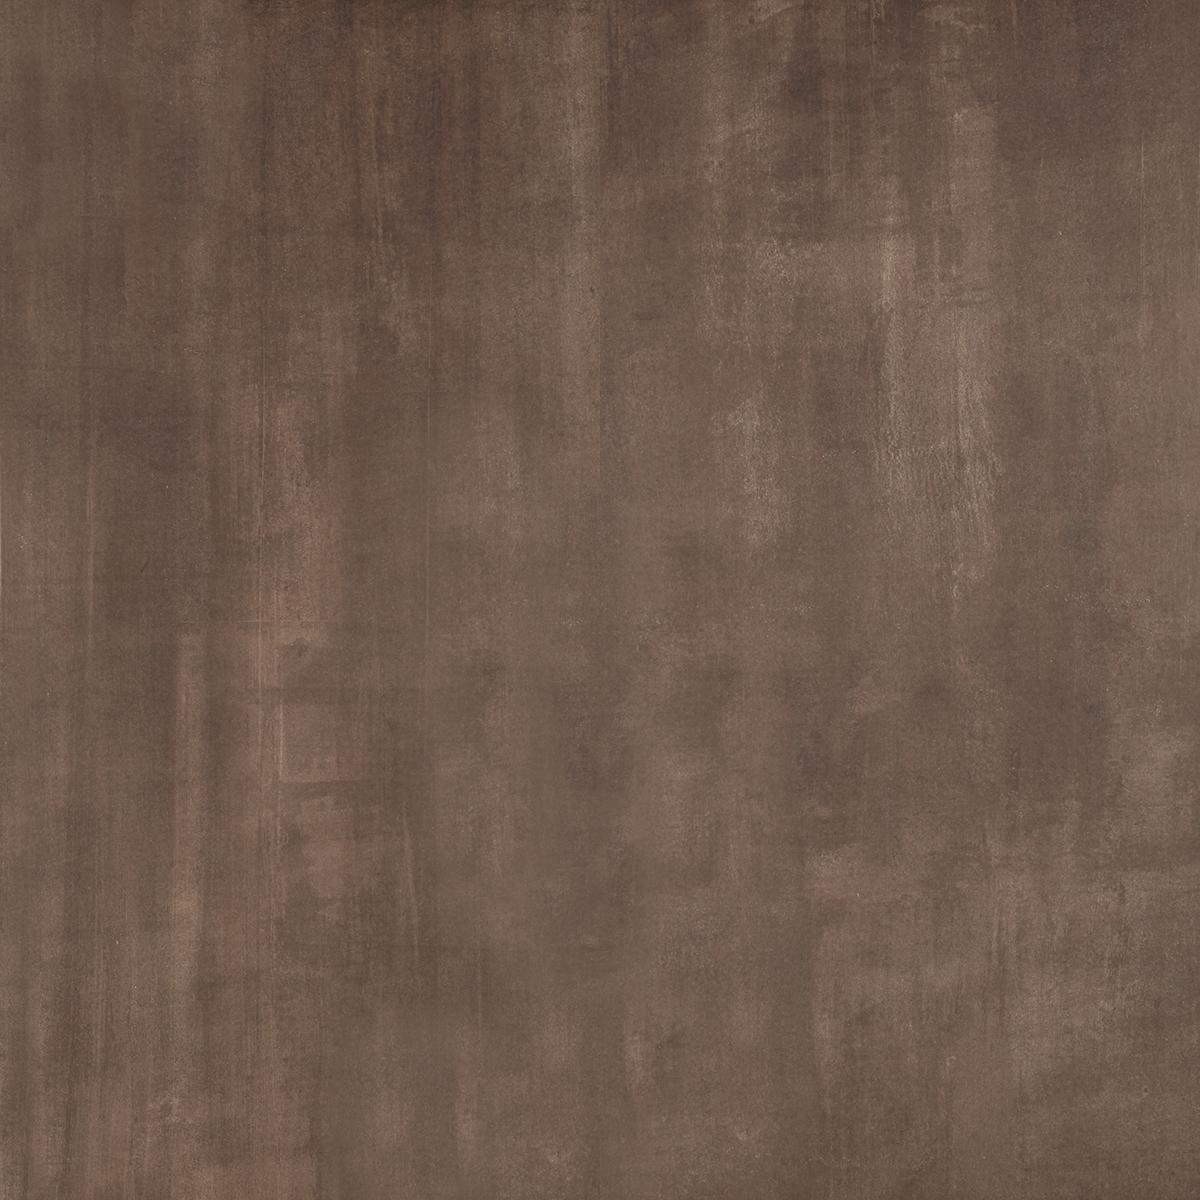 Delconca HFO Forma Dark Brown